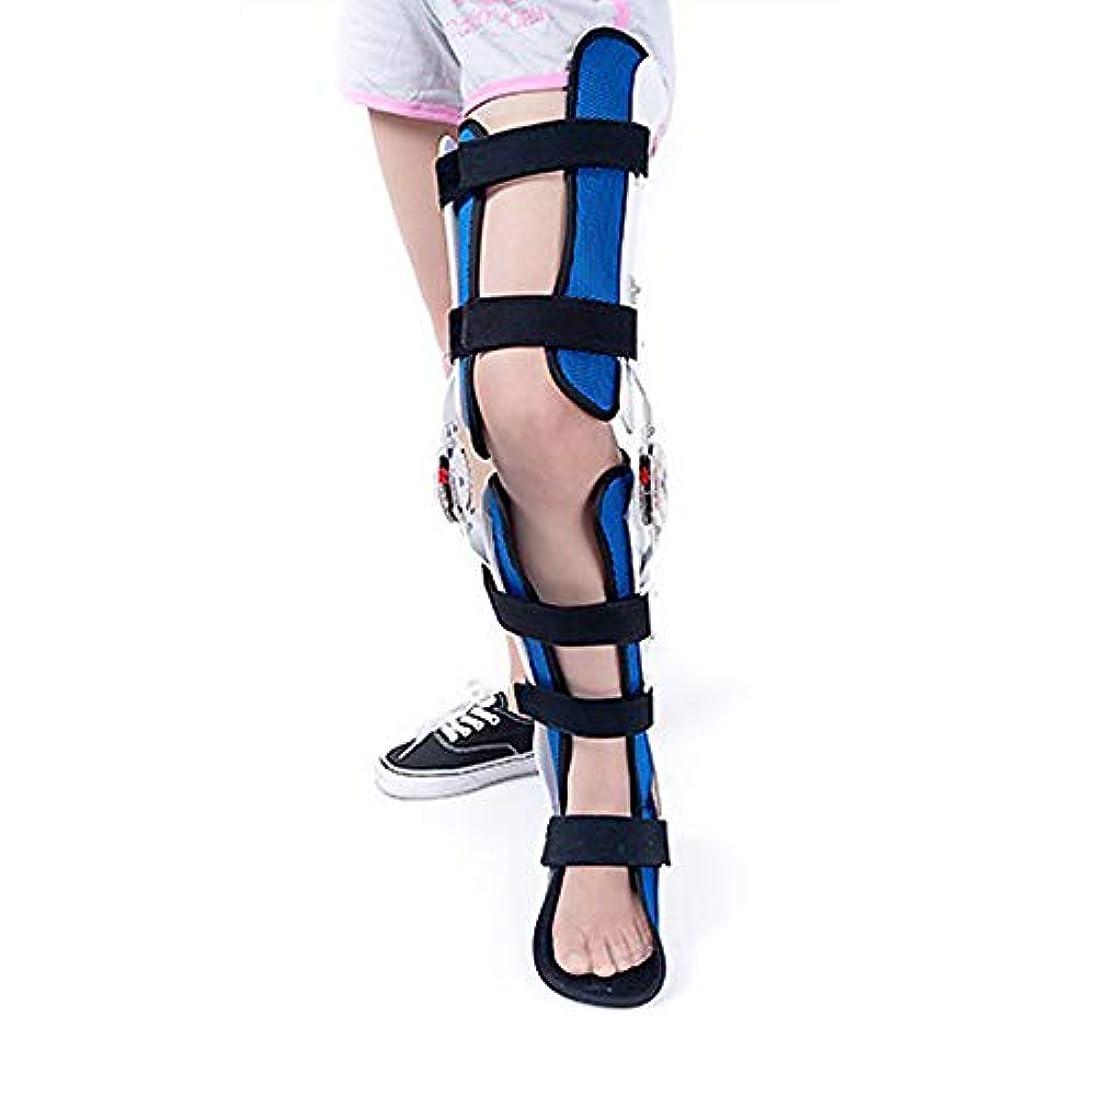 横おんどりかけがえのない膝足首足装具、股関節膝足装具脚の骨折、下肢麻痺、ウォーキングブーツで固定されたヒップウォーキングブレース